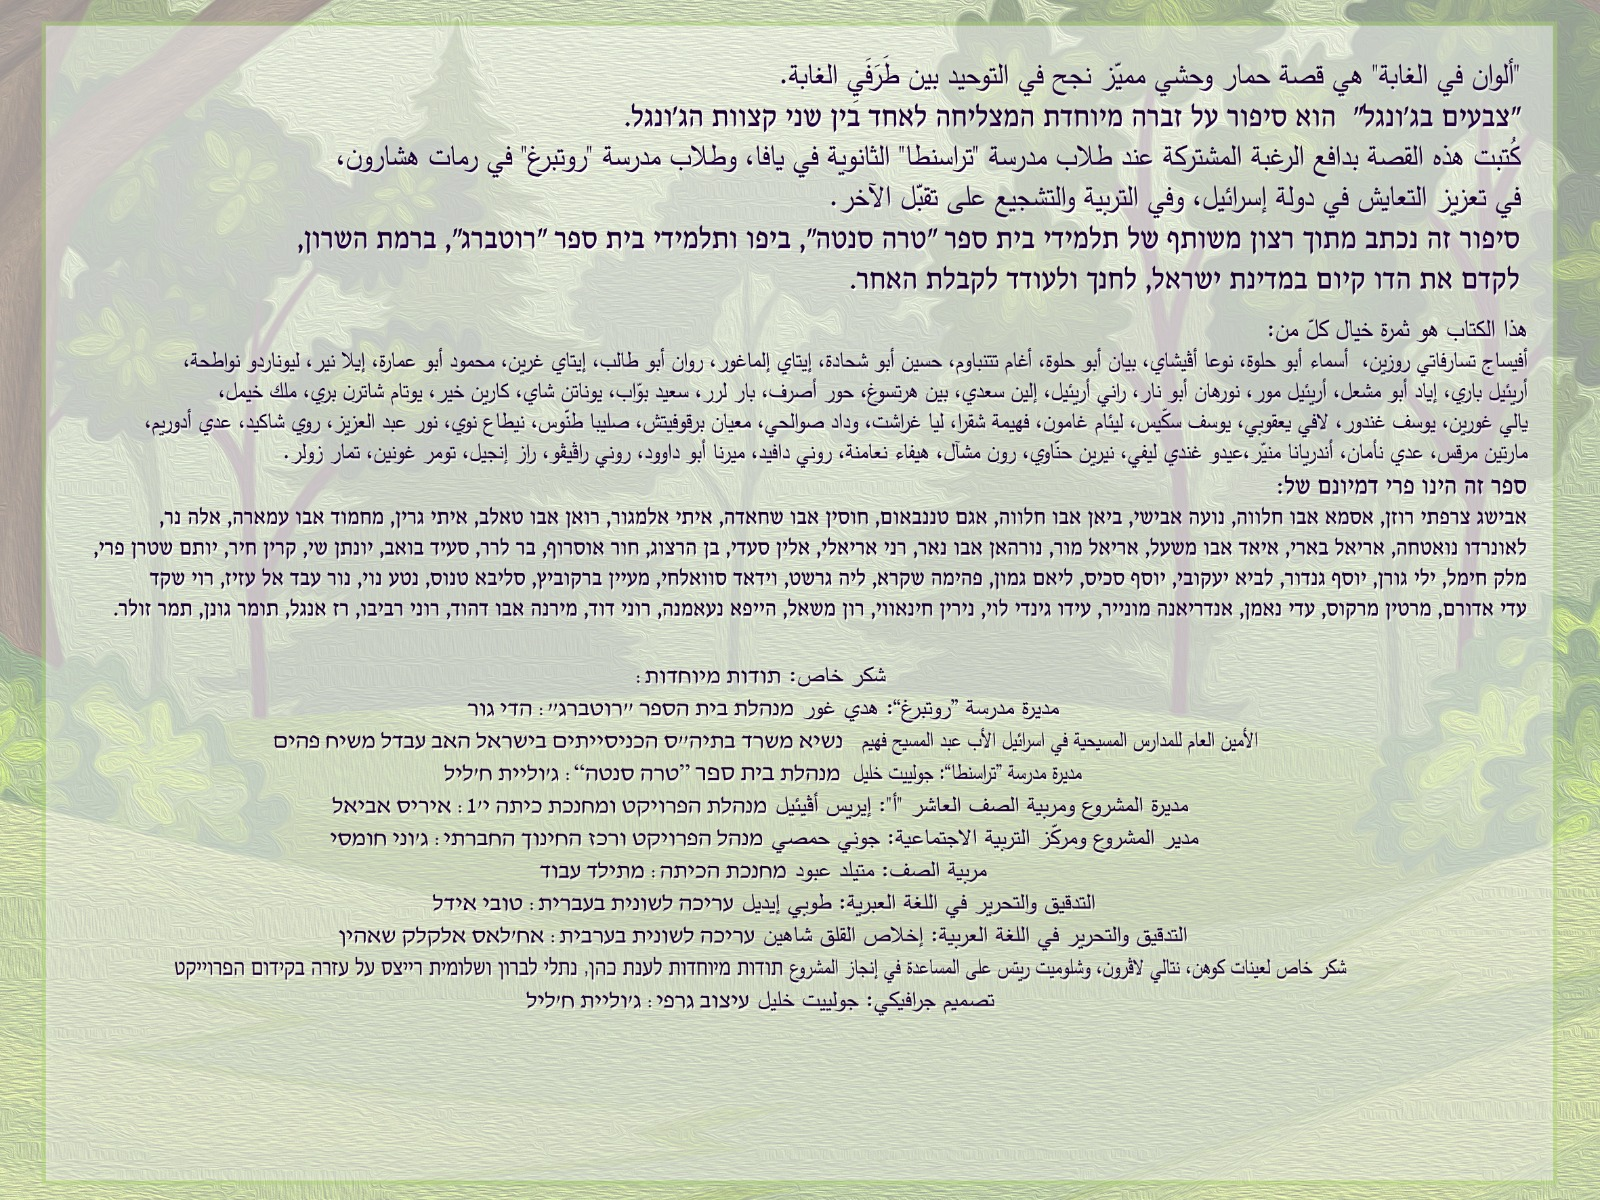 اصدار قصة للأطفال بعنوان ألوان في الغابة باللغتين العربية والعبرية